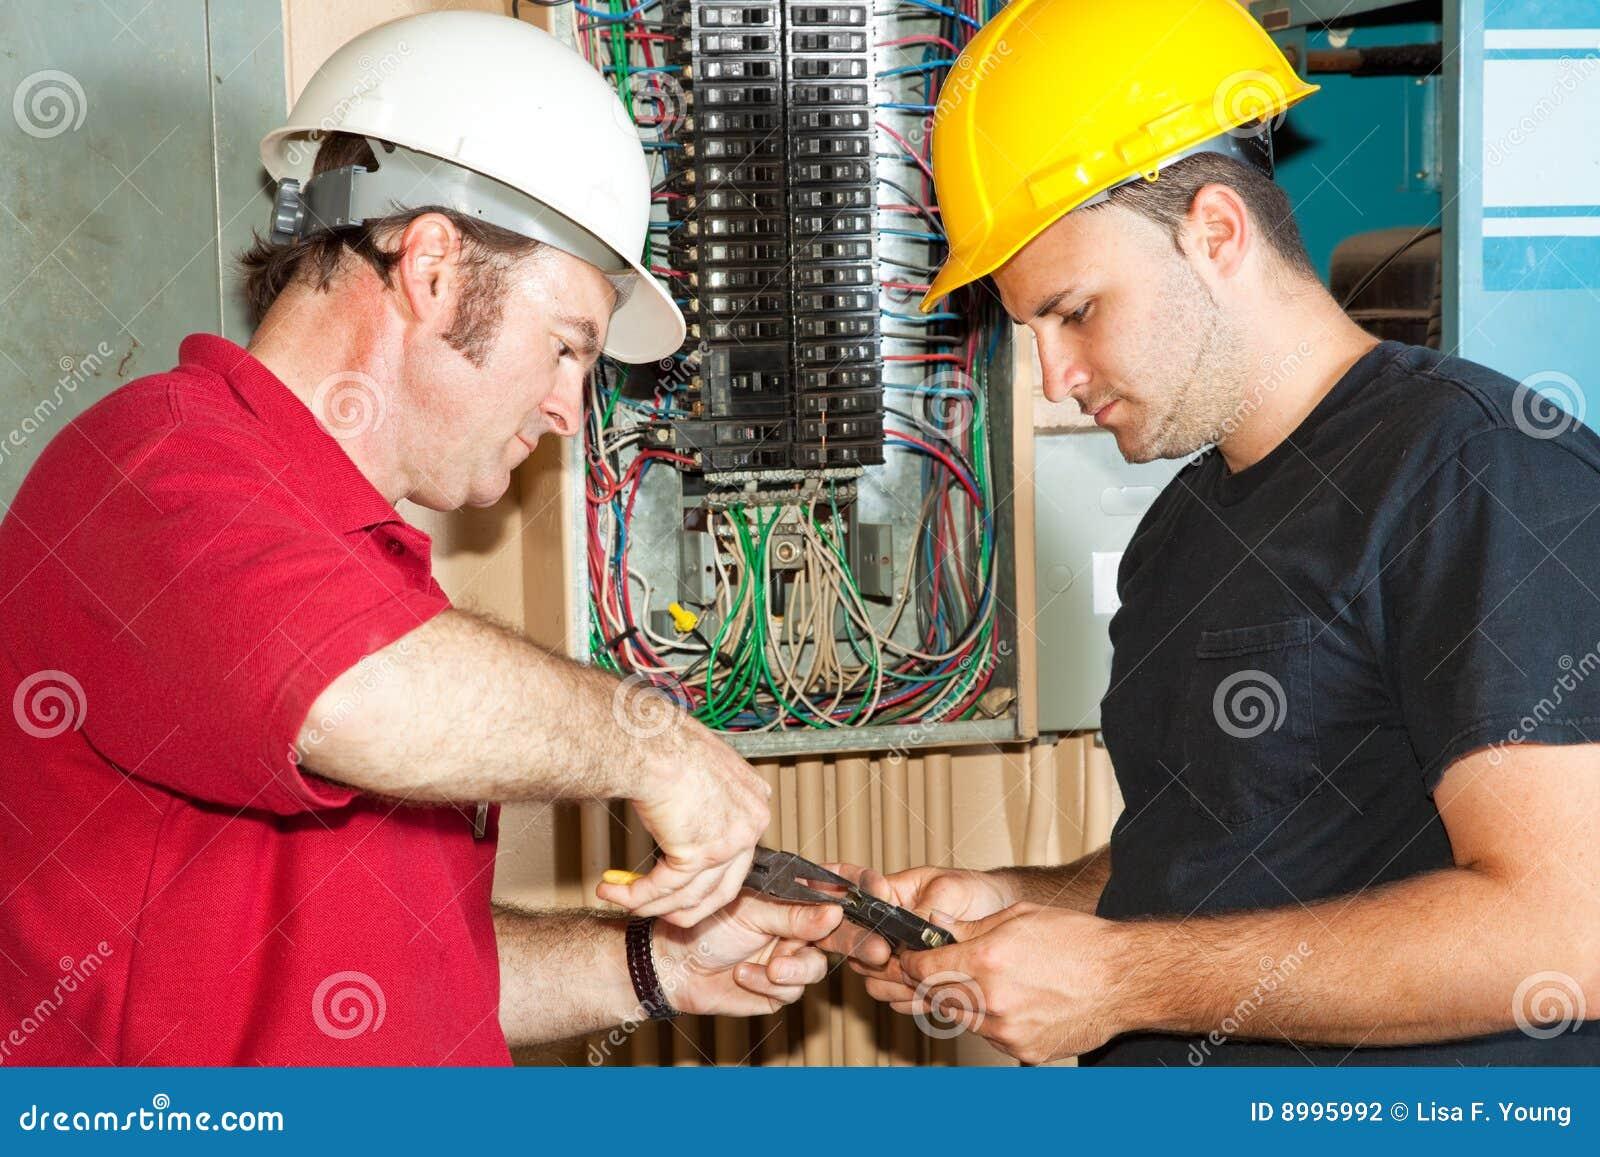 Electricians Repair Circuit Breaker Stock Photo Image Of Hardhat Download Maintenance 8995992